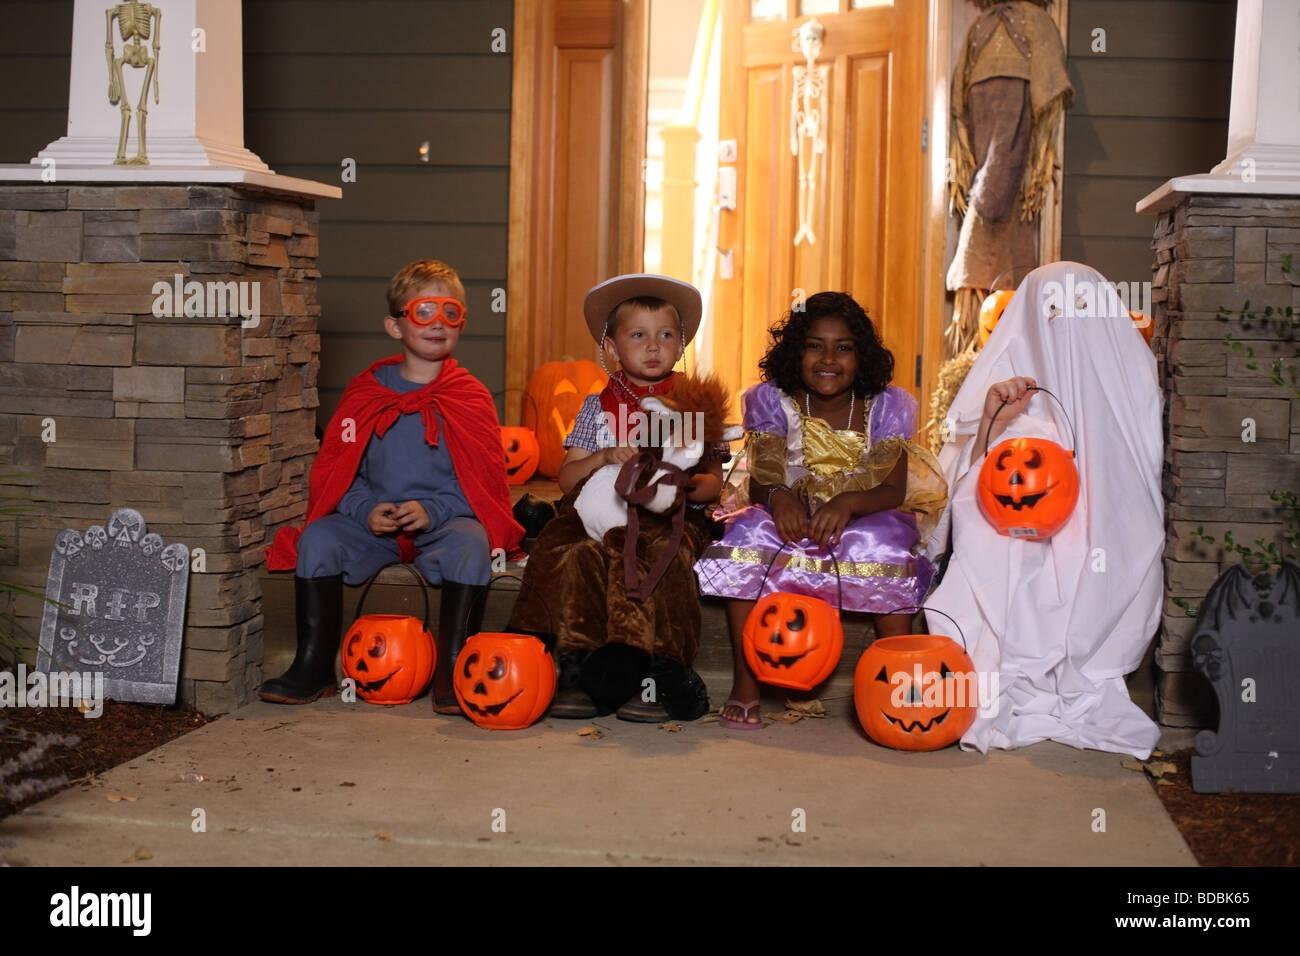 Grupo de niños en disfraces de Halloween Imagen De Stock